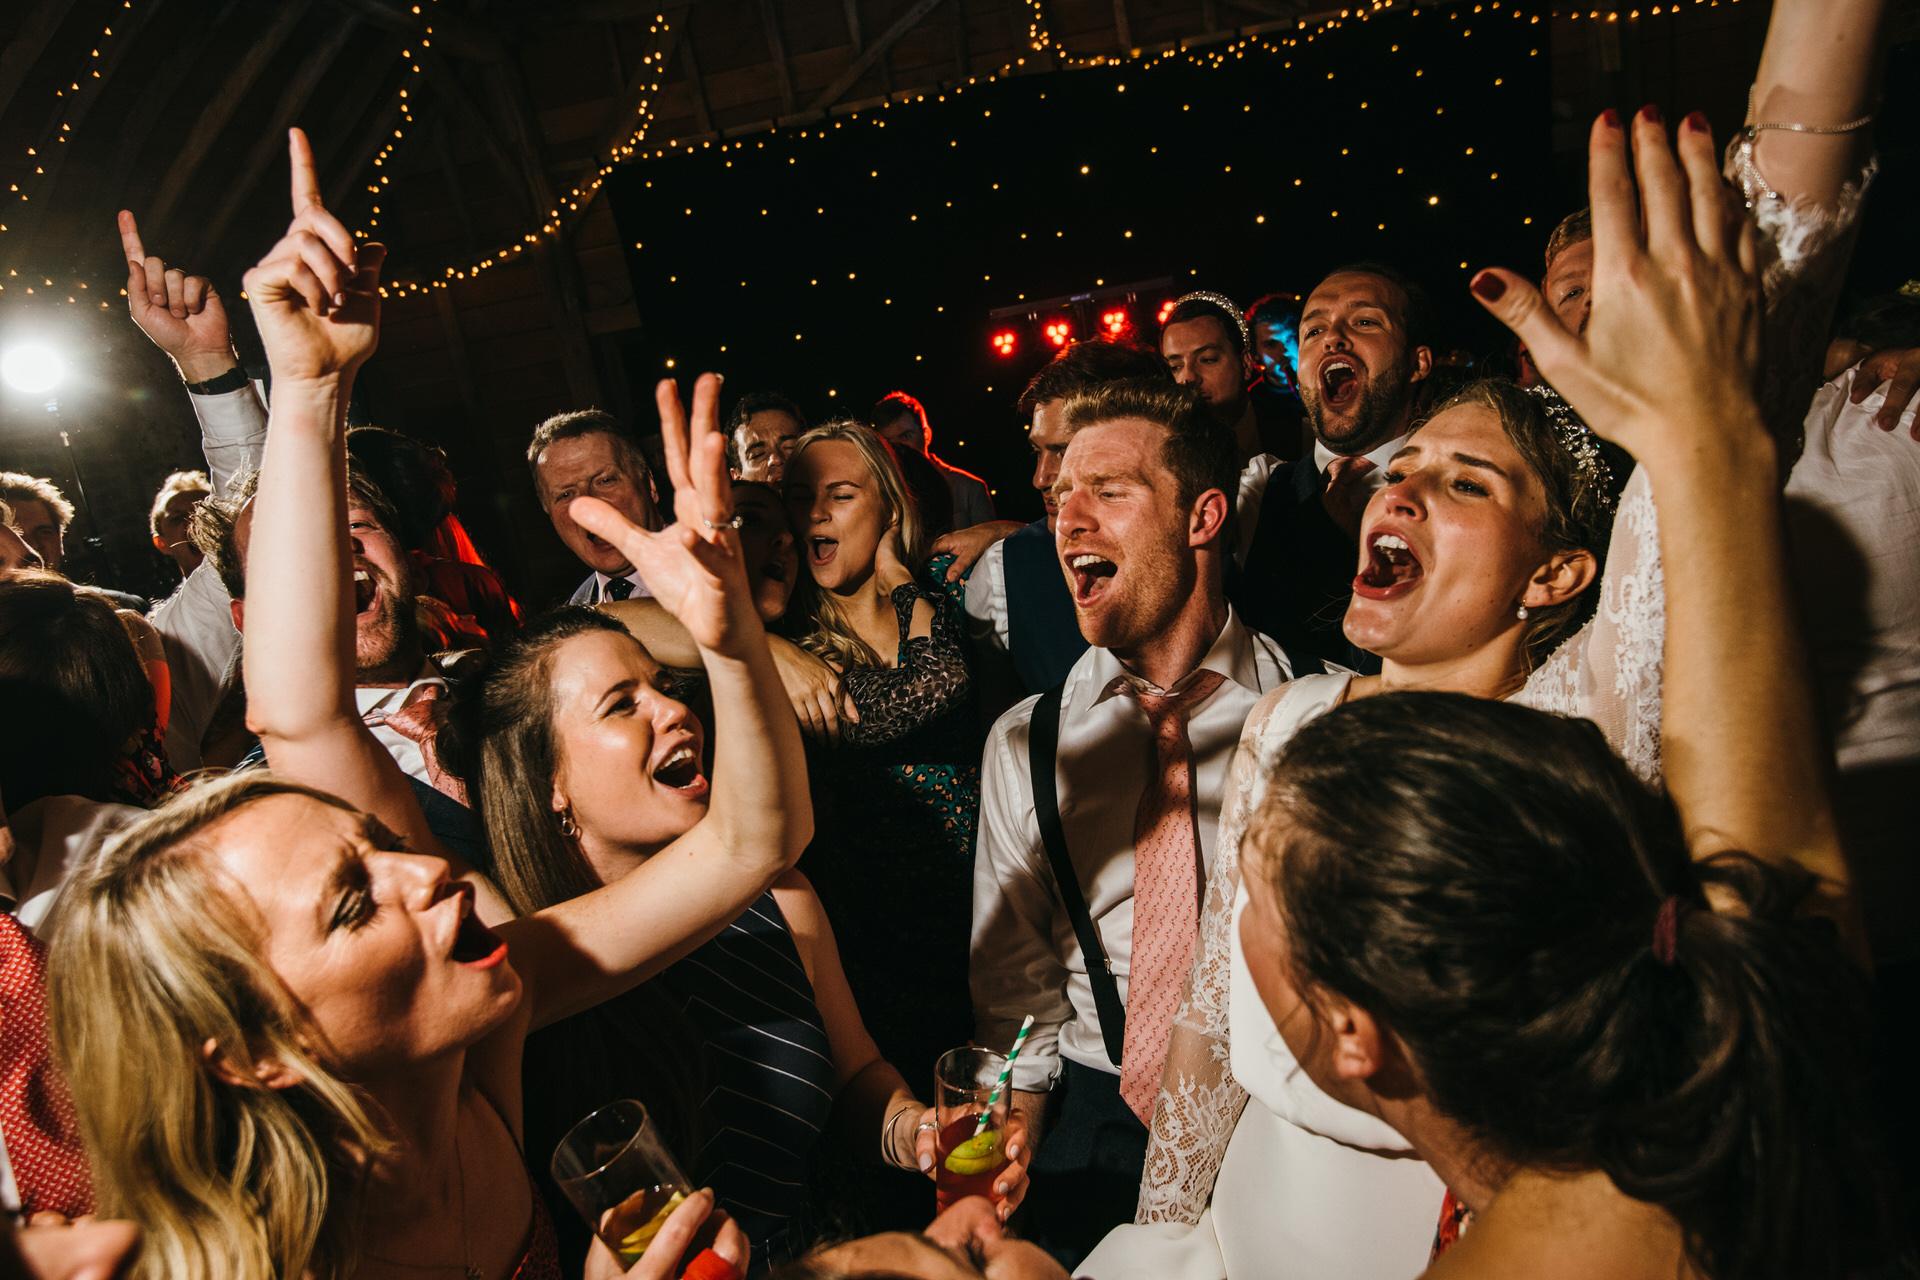 Guests dancing to band at wedding